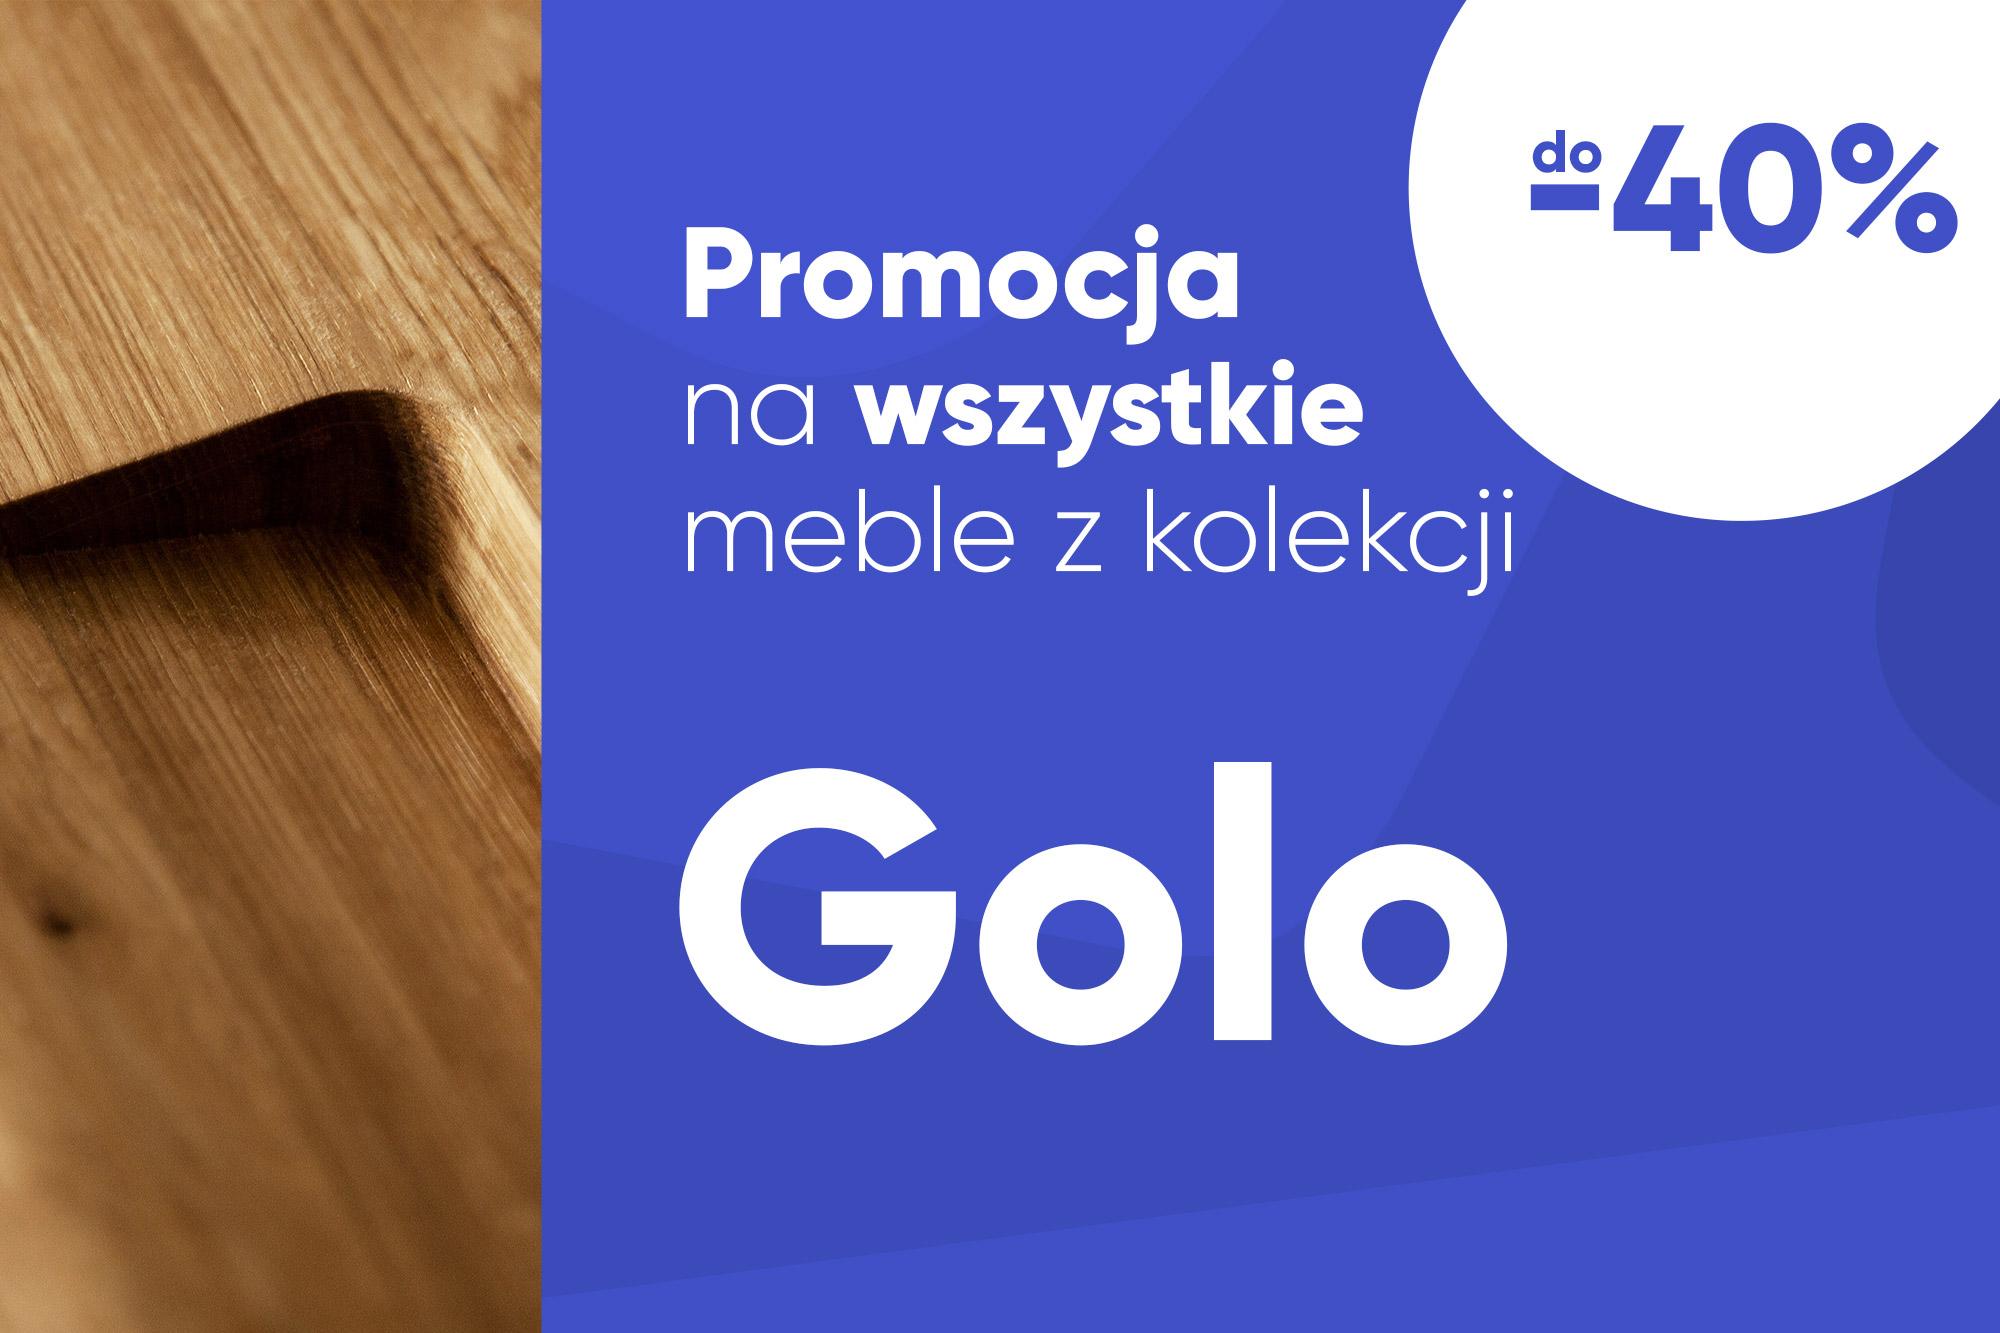 Zdjęcie 1 - GOLO - Kolekcja mebli do salonu z drewna litego